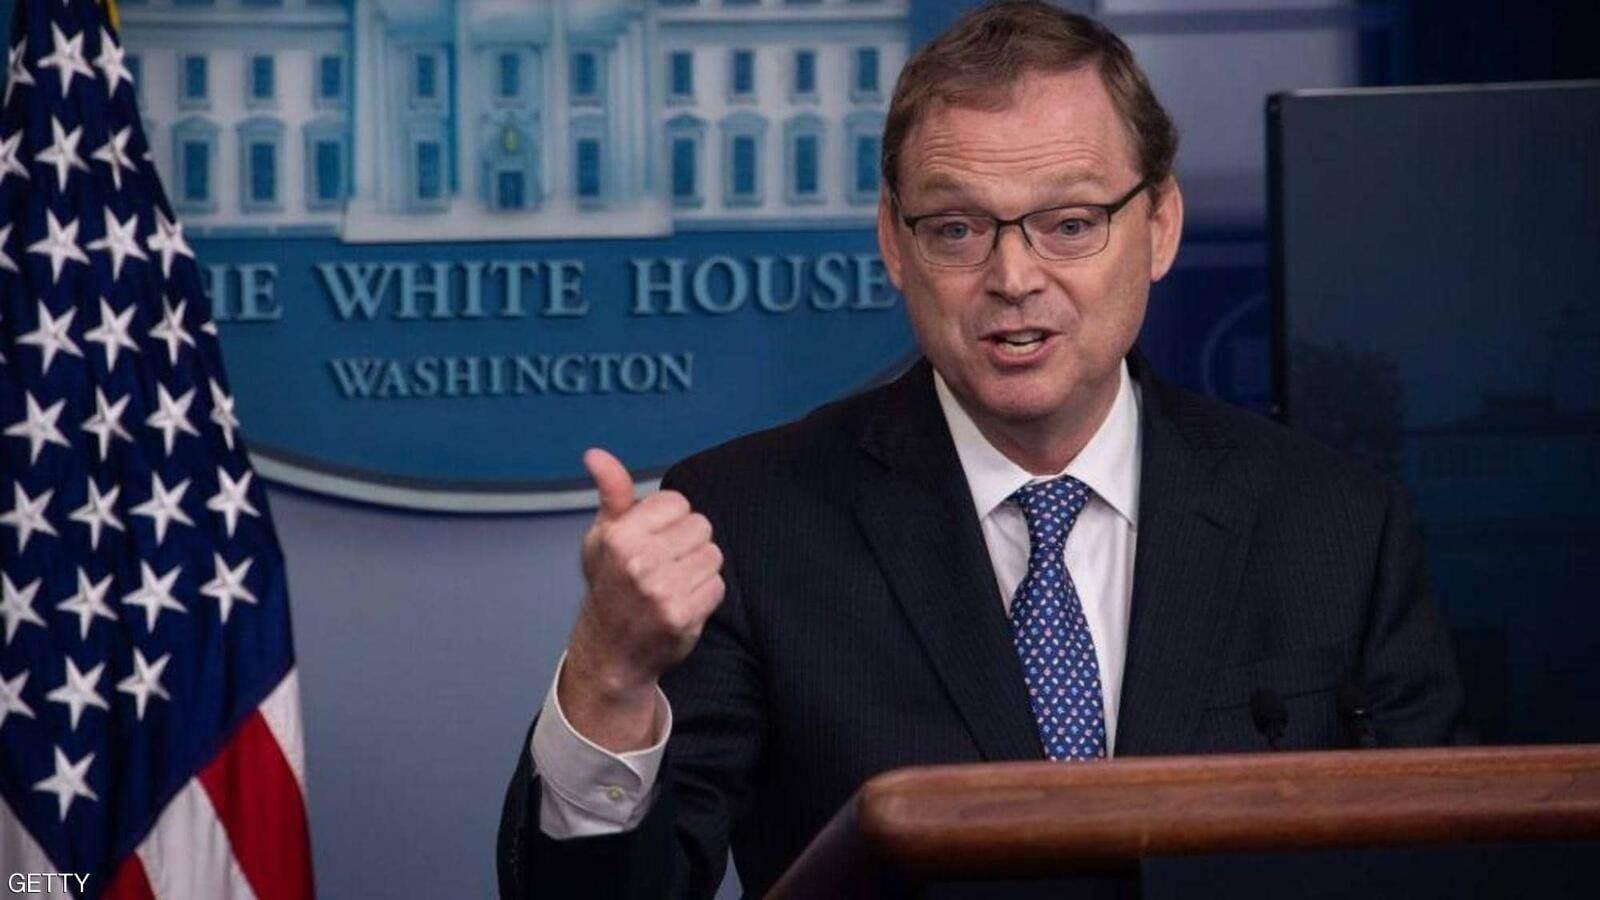 """البيت الأبيض: الاقتصاد الأميركي يظهر """"إشارات مشجعة"""" للتعافي بسبب كورونا"""